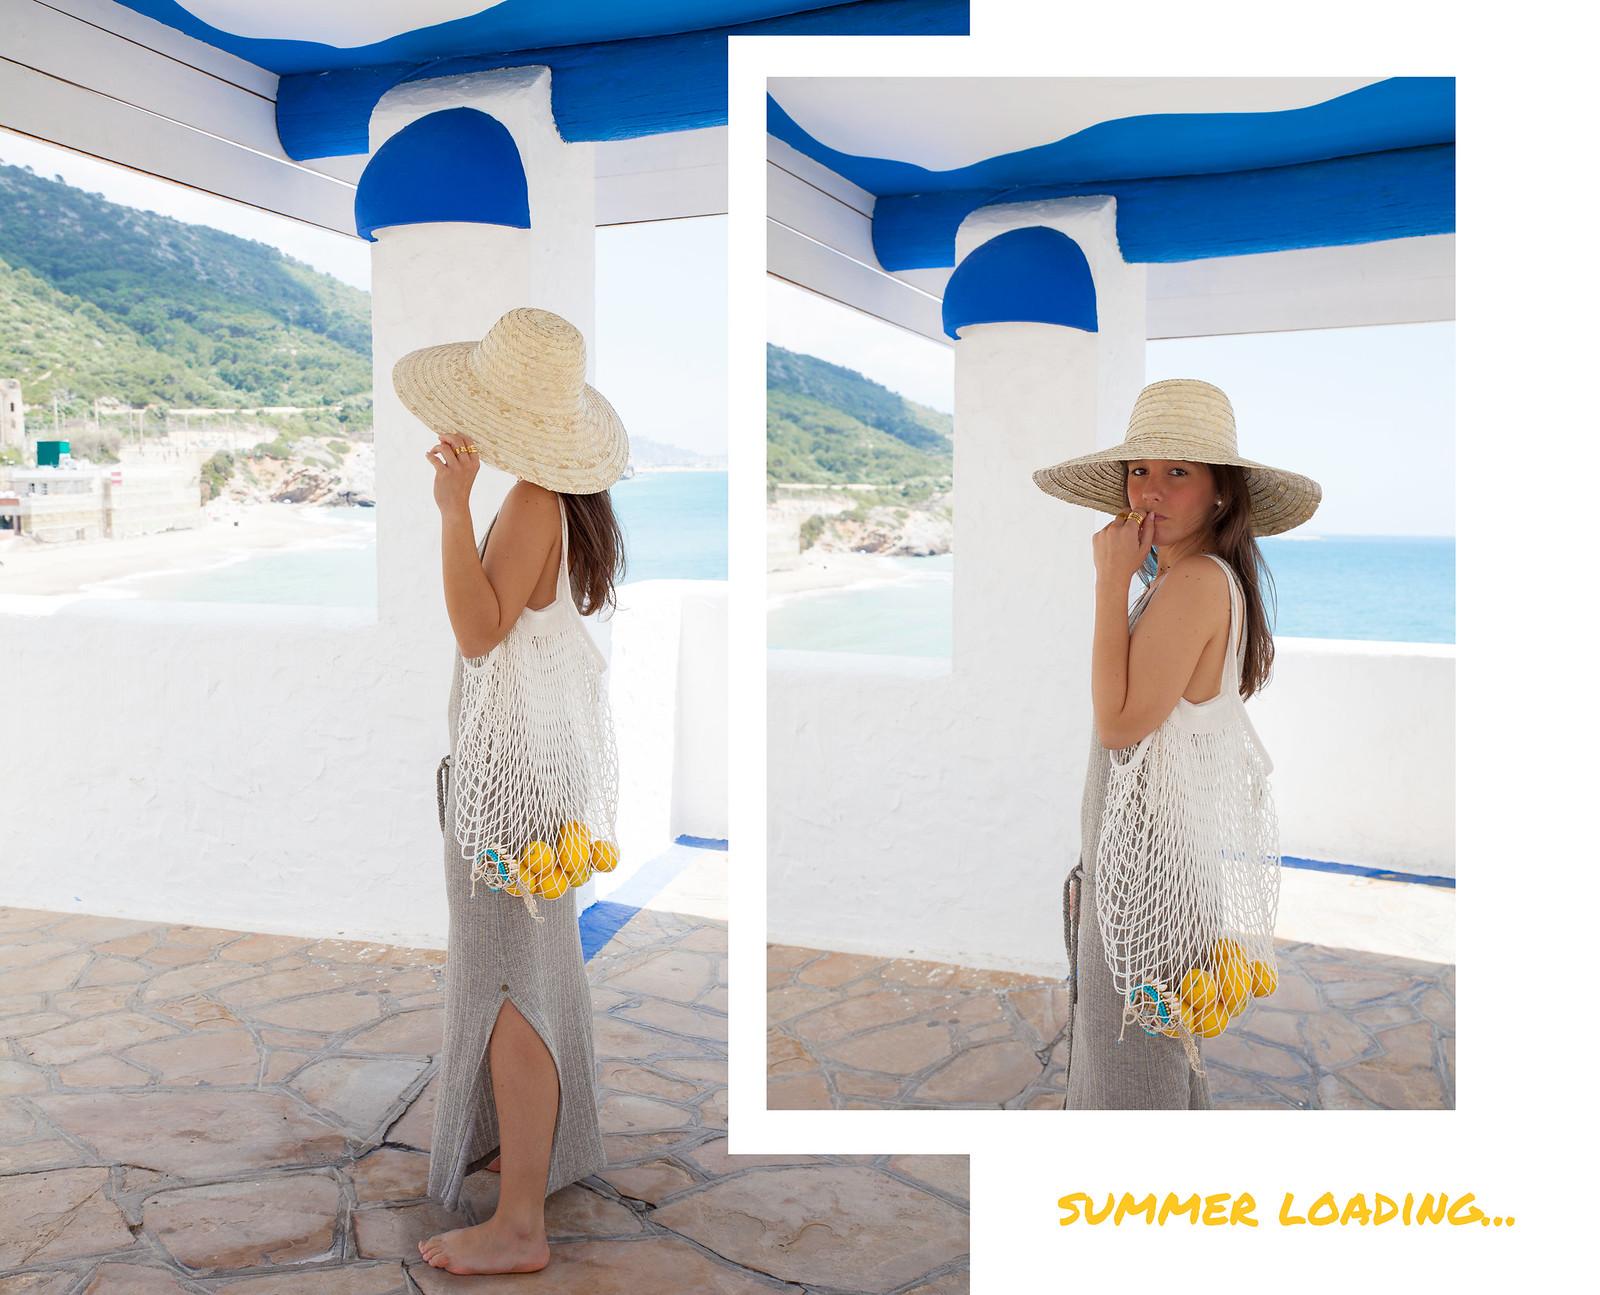 02_vestido_ideal_verano_hilos_dorados_mi_and_co_theguestgirl